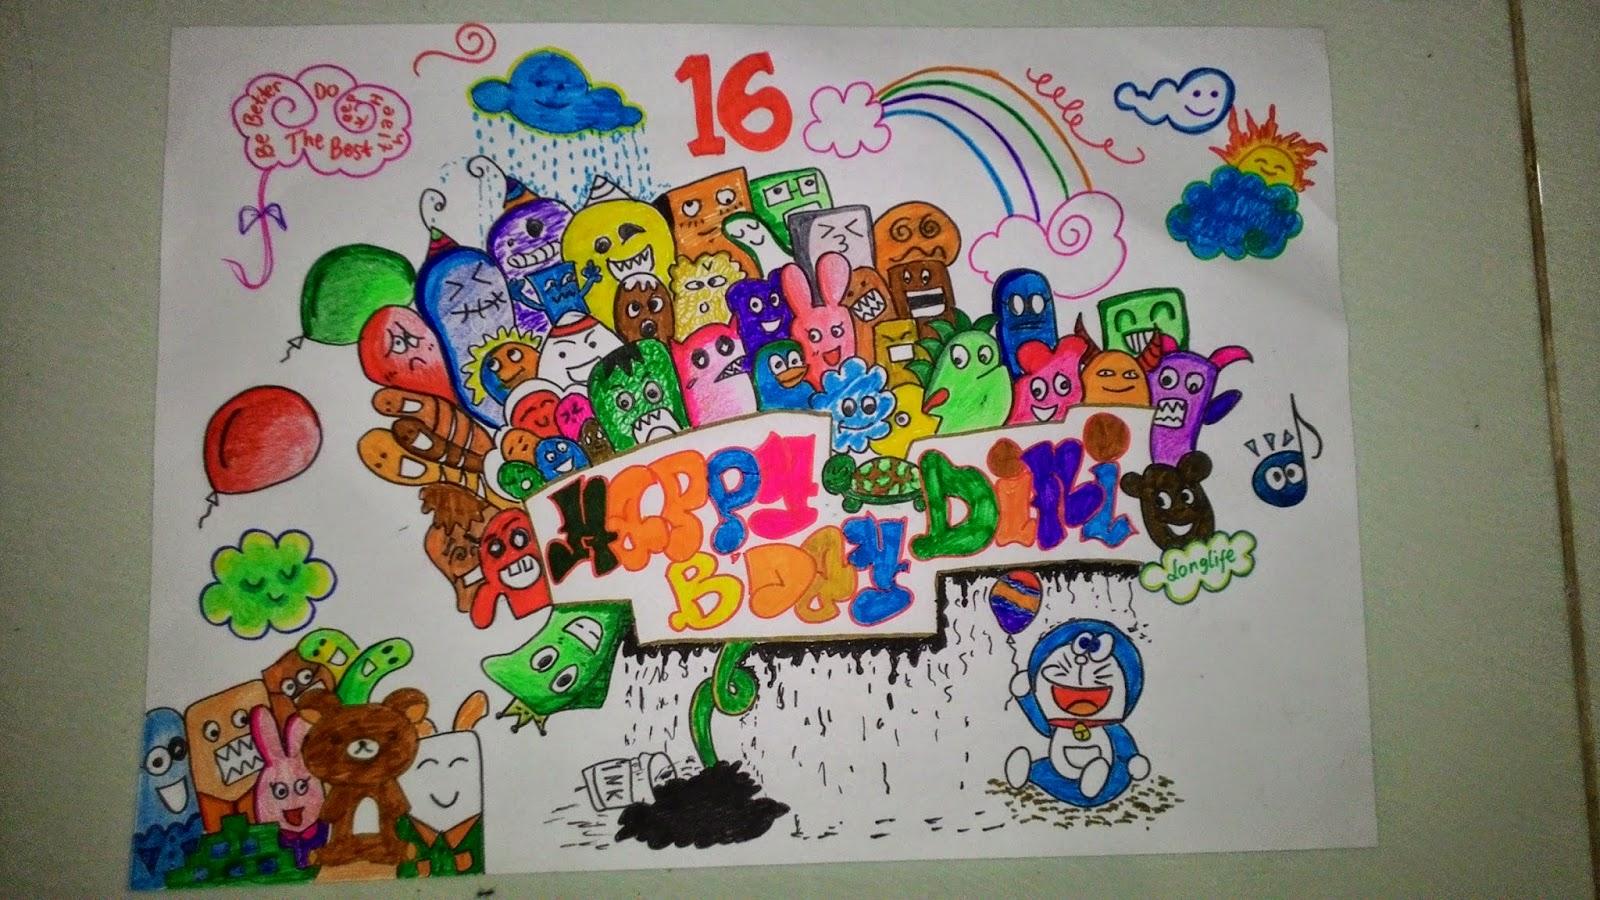 Ini salah satu karyaku disaat aku buatin doodle buat sahabat ku yang bernama Liddini Tirsa Fatwa 18 14 15 semoga bisa bermanfaat bagi kalian semua